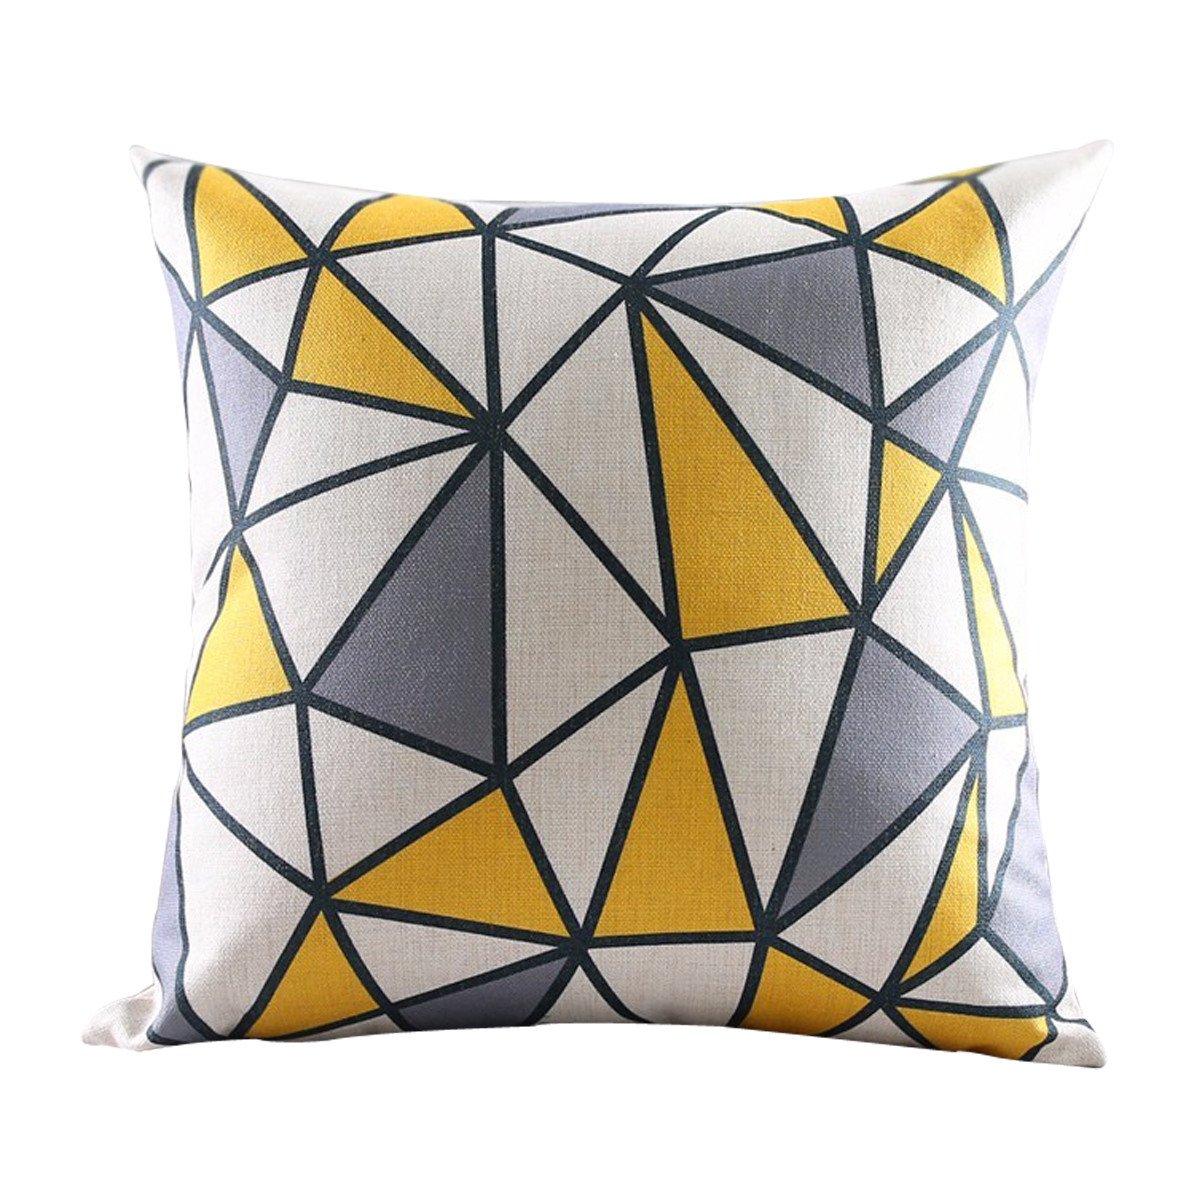 ECYC Coprisedile Cuscino Decorativo Per Sedia Home Decor Cuscino Per Sedie Con Cuscino Divano TM E41000475